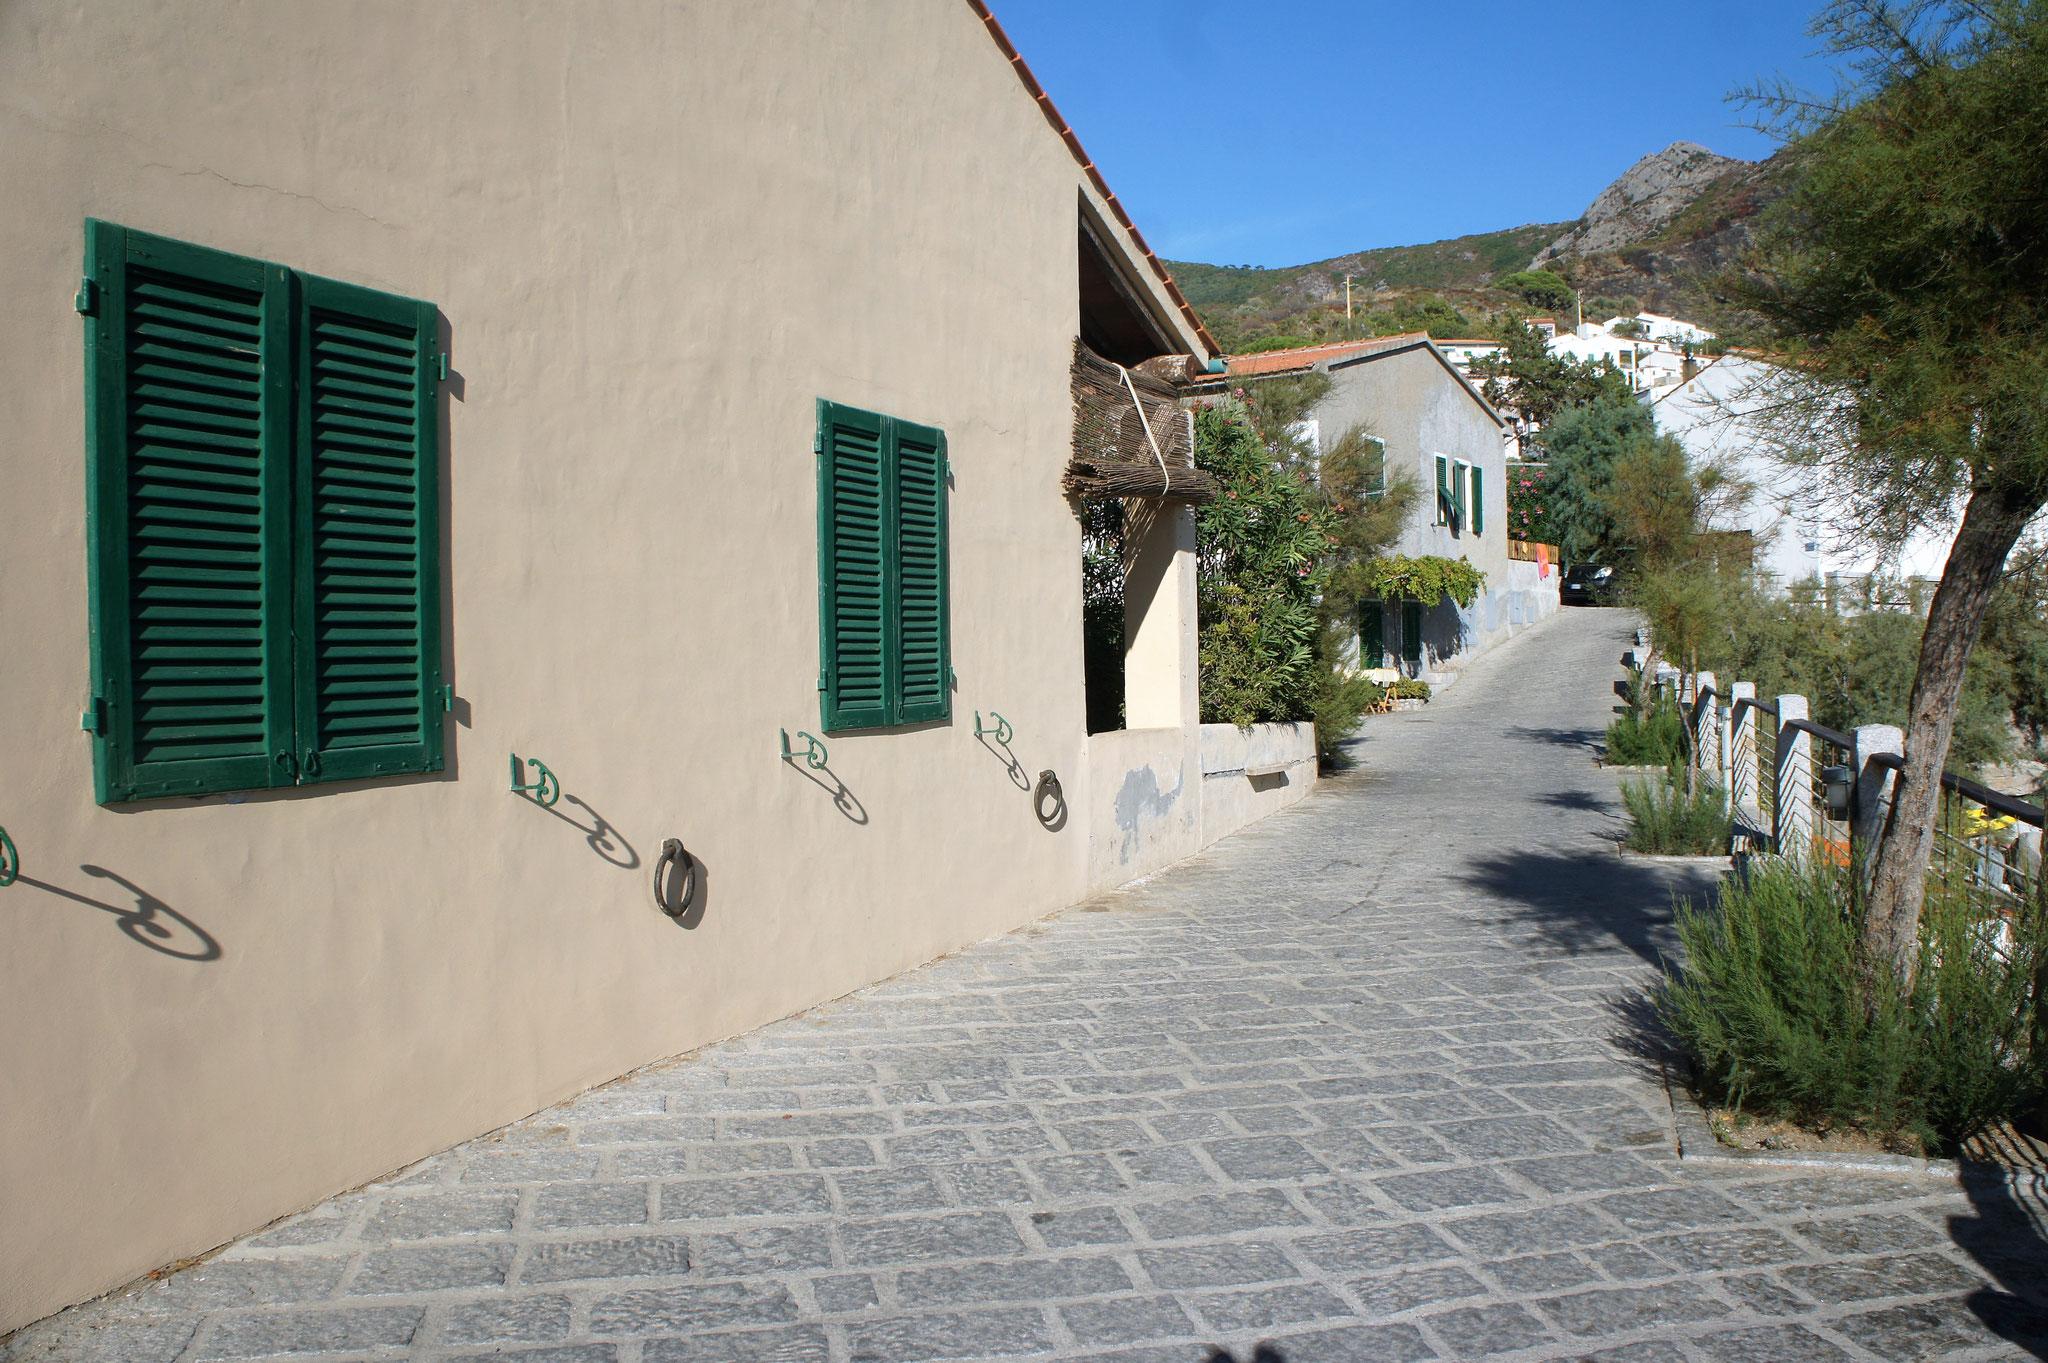 Spaziergang in die Ortschaft Chiessi